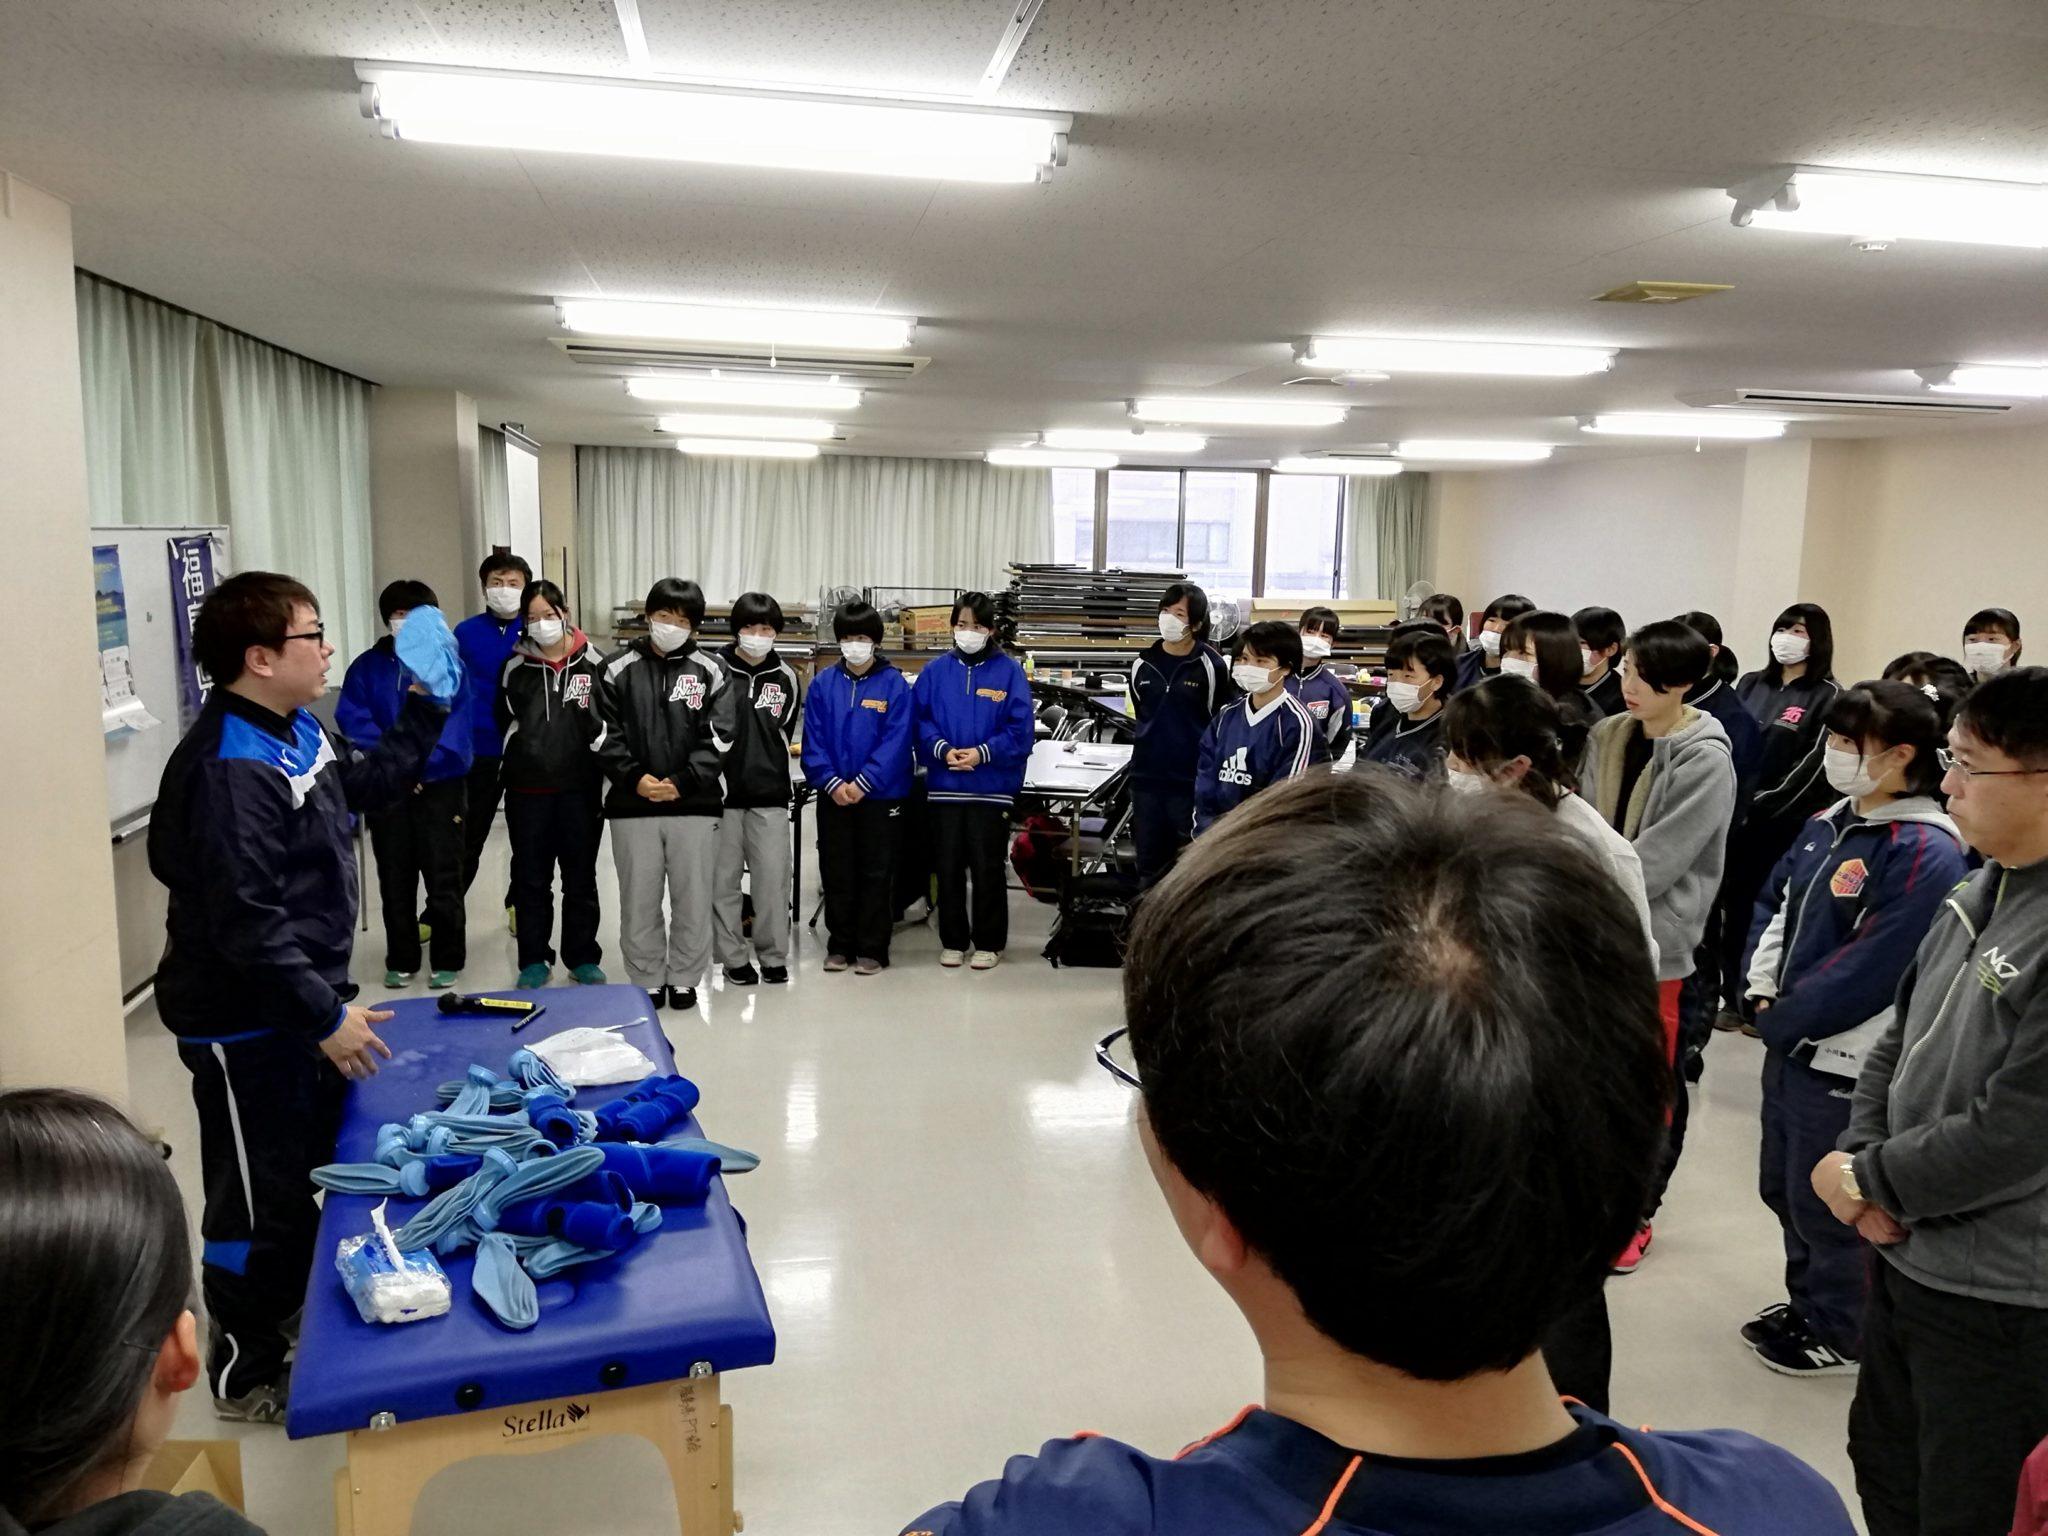 県北スポーツ医学セミナー2019開催